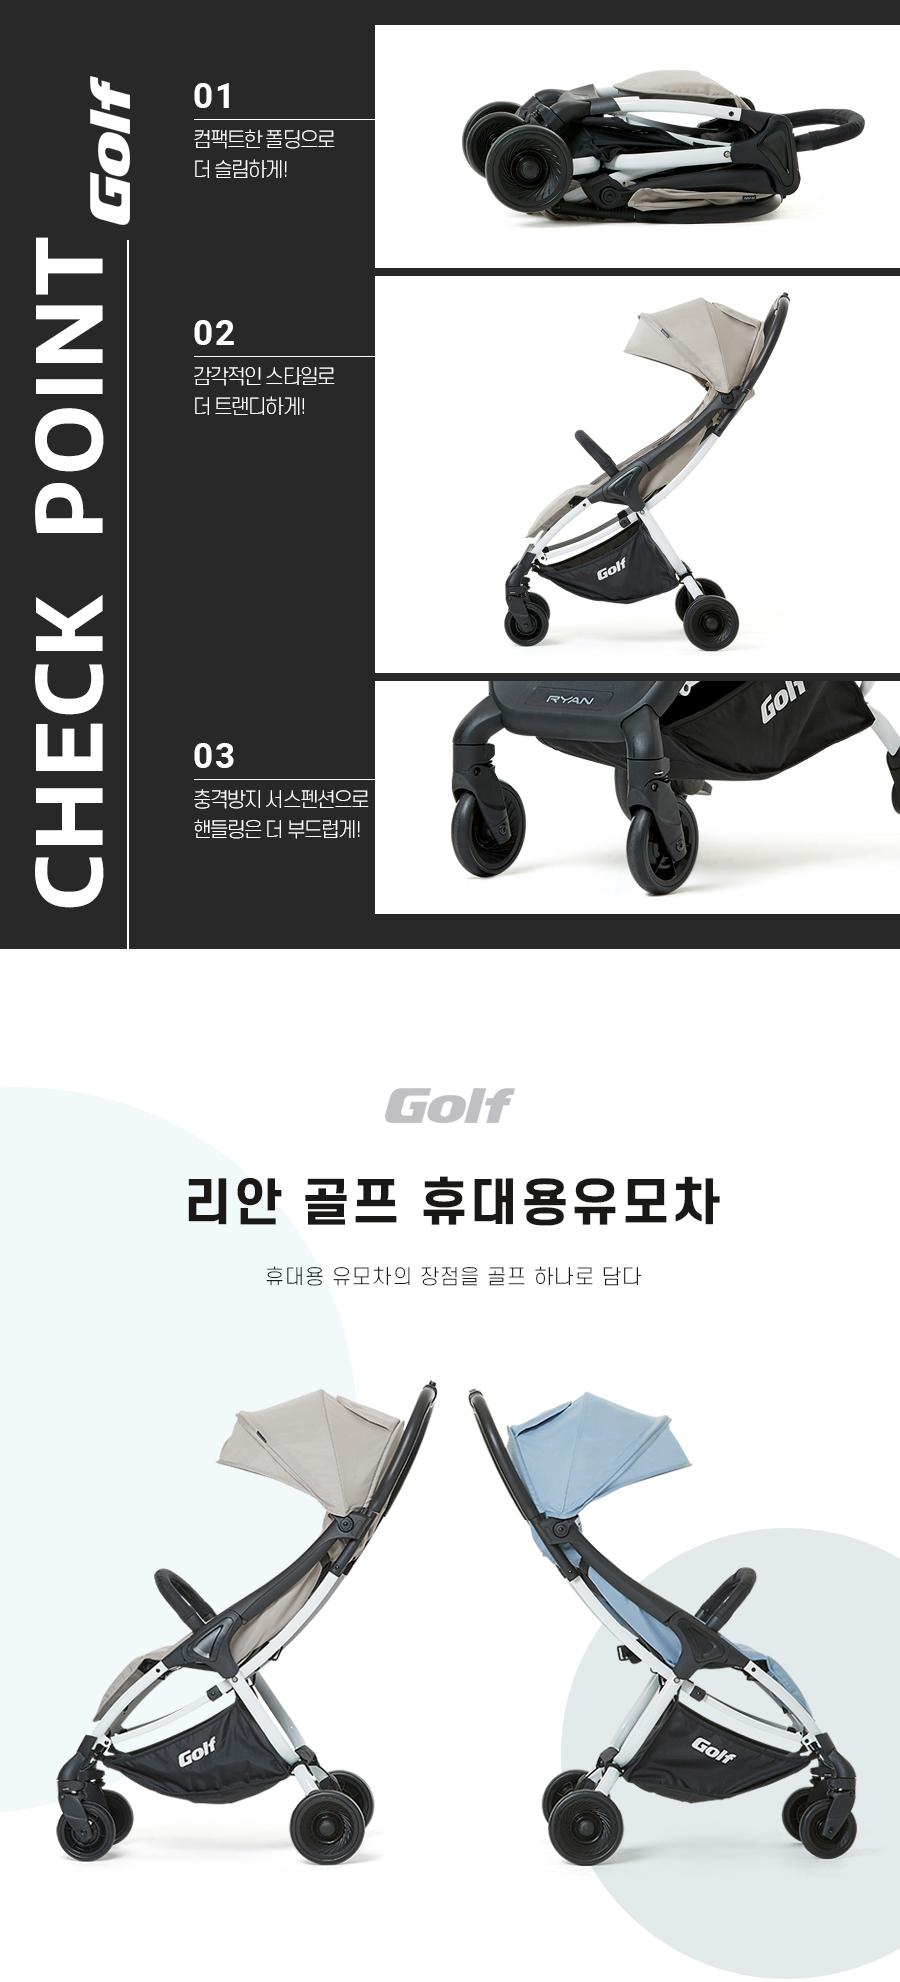 ryan golf